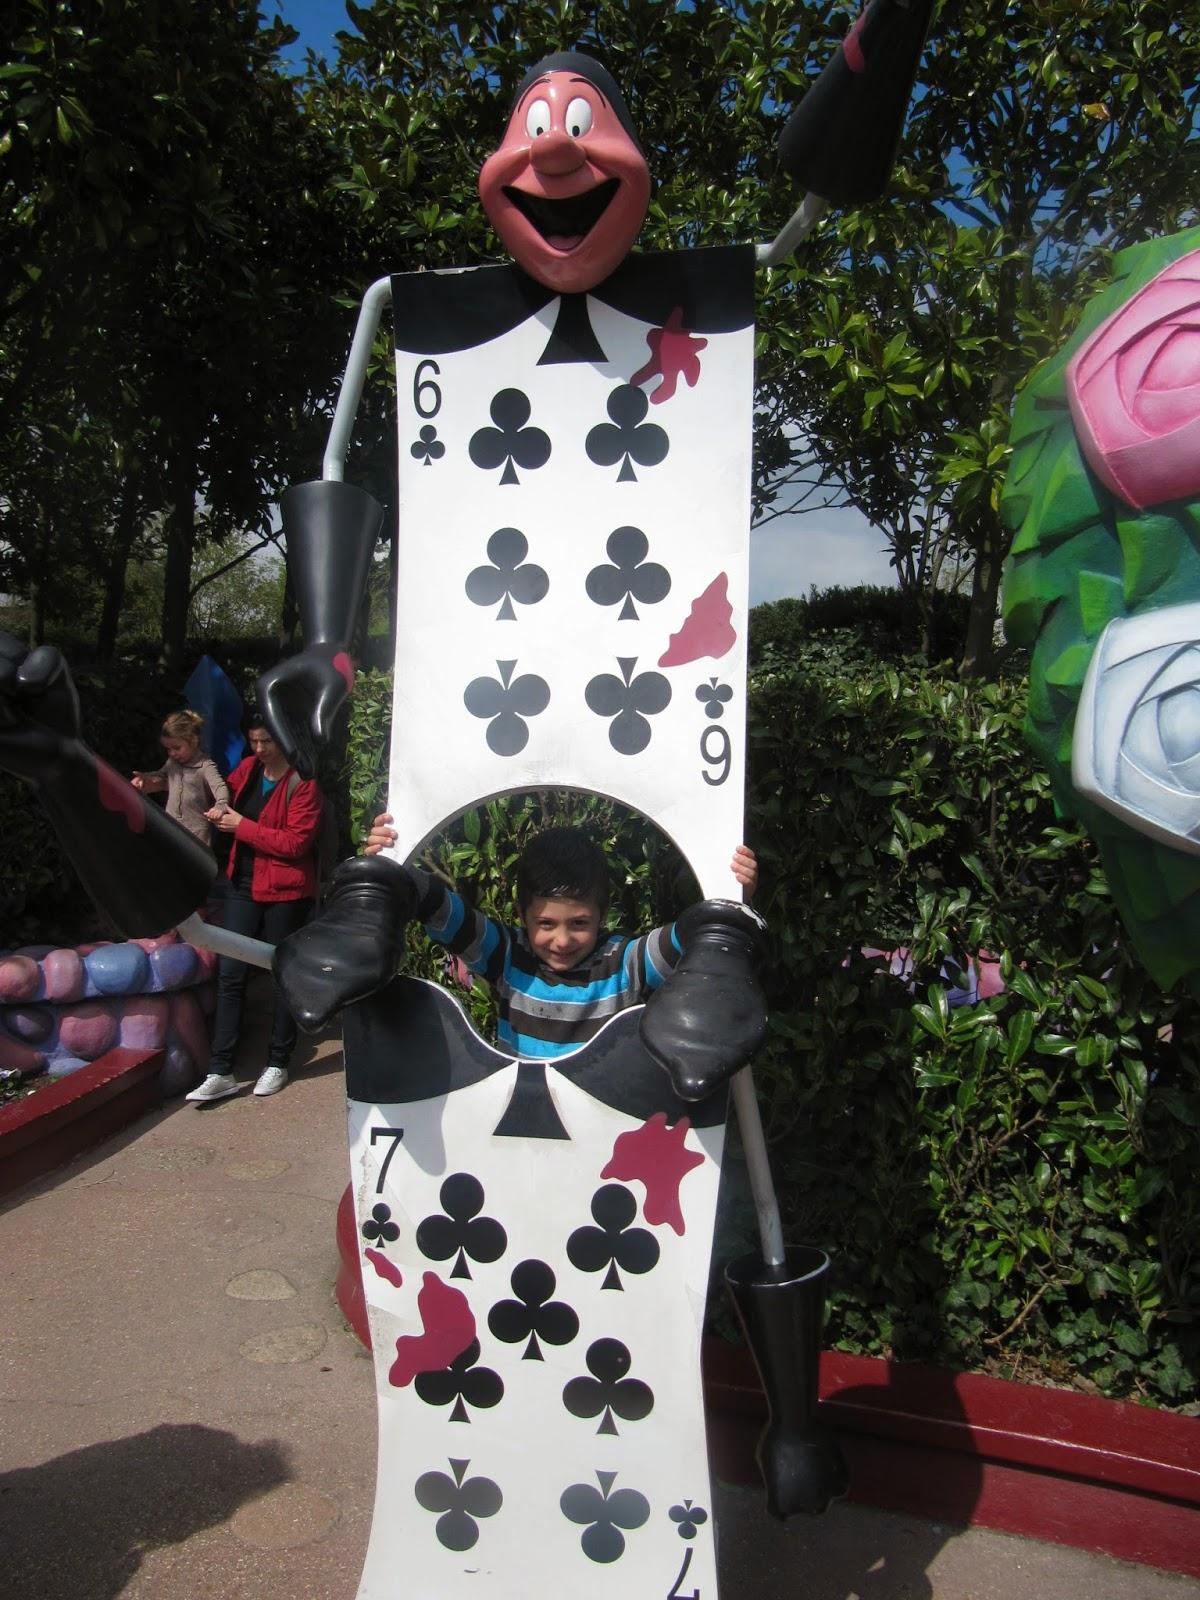 El Laberinto de Alicia. Atracciones de Disneyland Paris